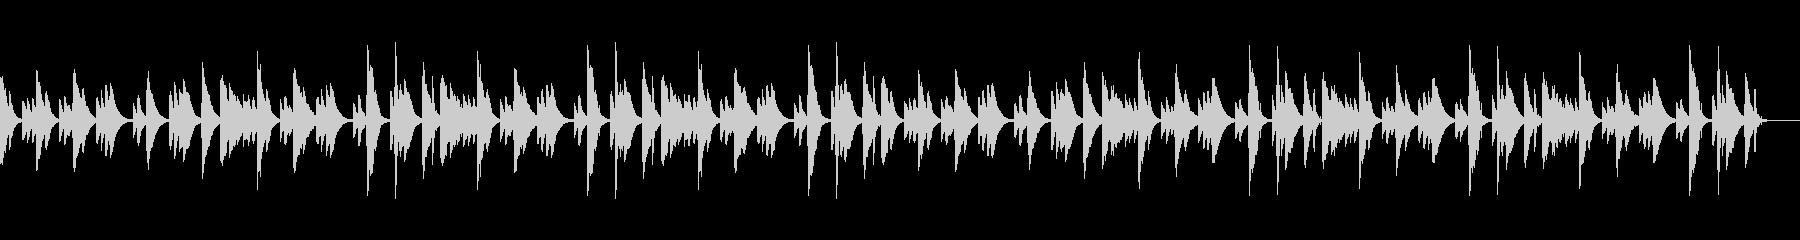 可愛らしい音色のリラクゼーション音楽の未再生の波形